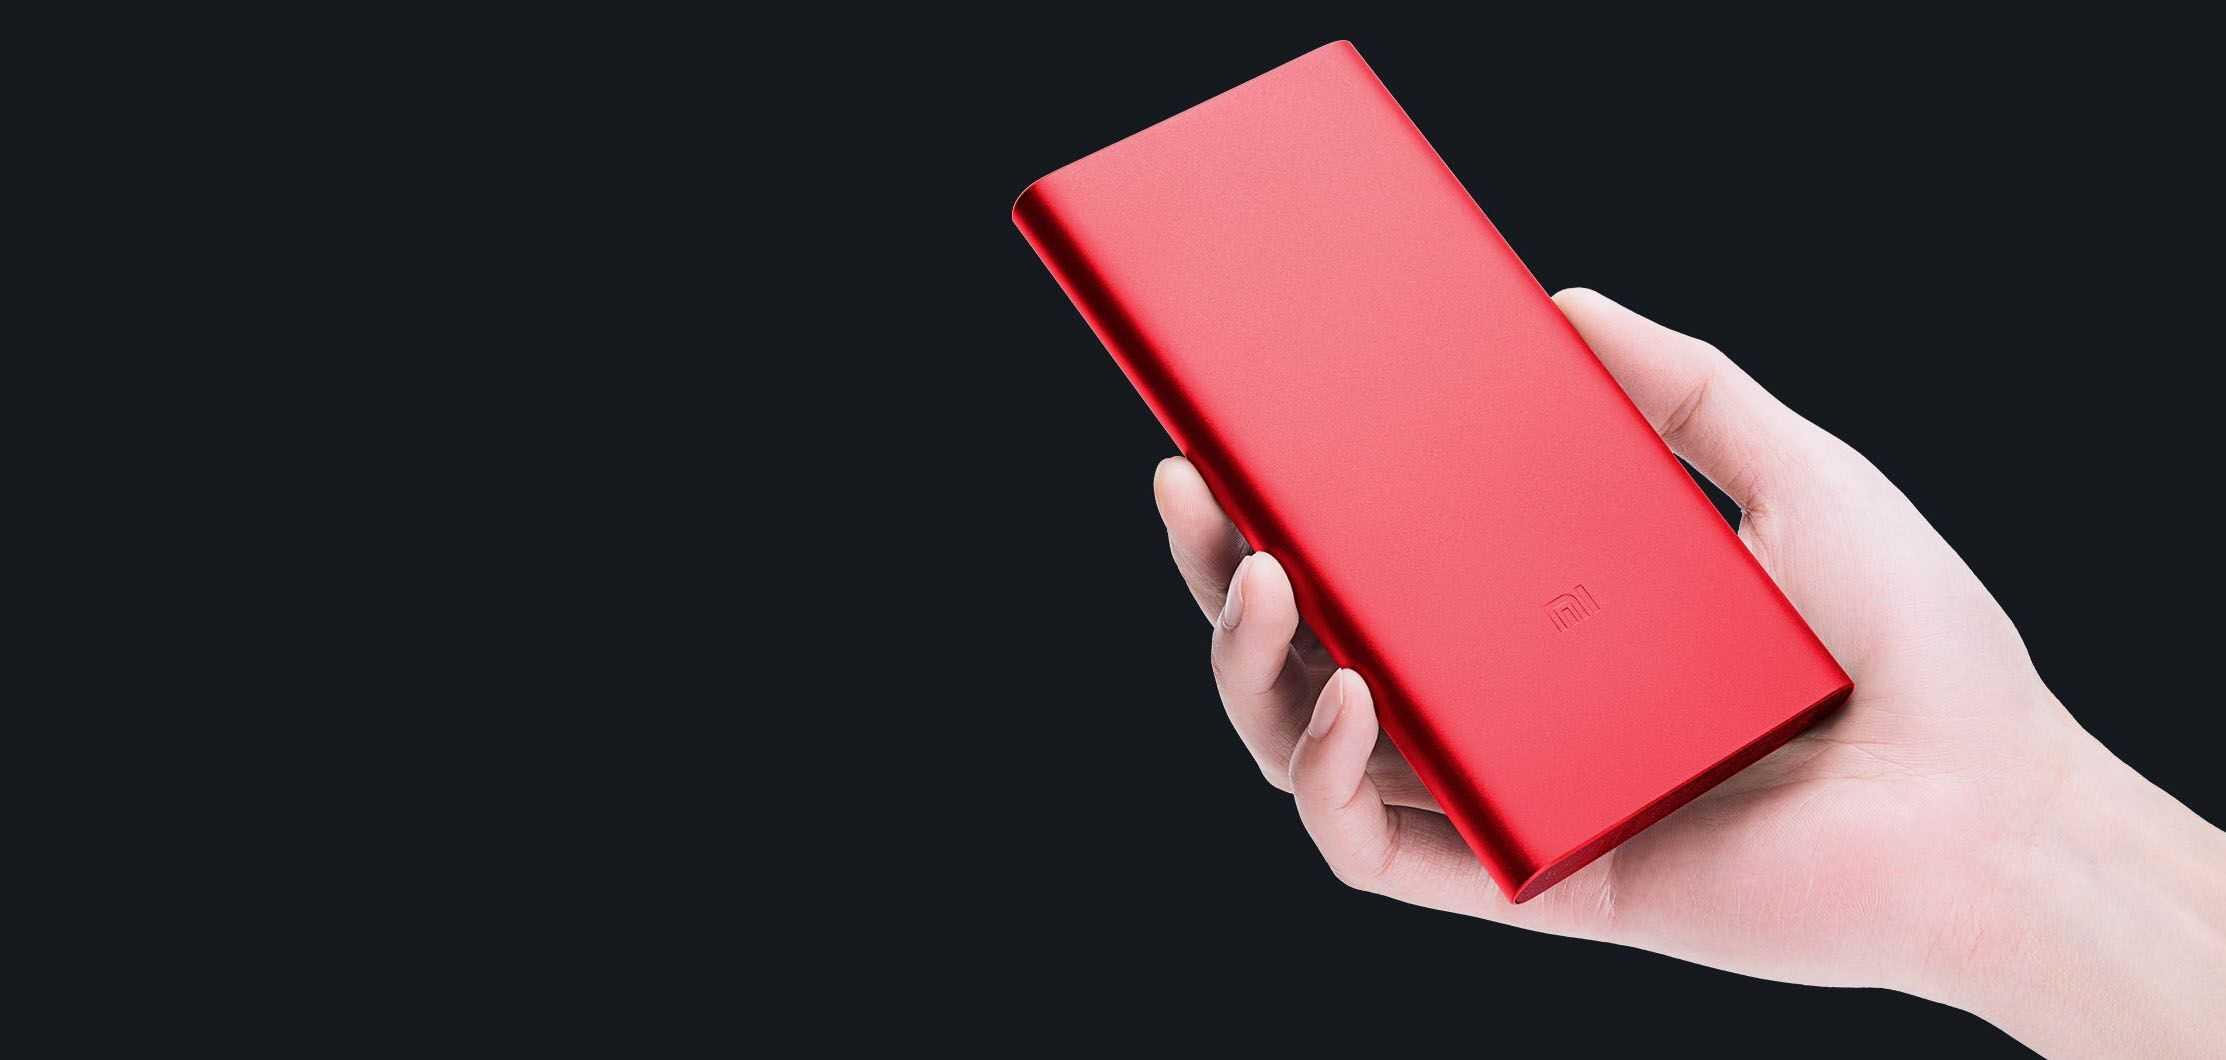 Xiaomi redmi 8a - дата выхода, обзор, характеристики и цена